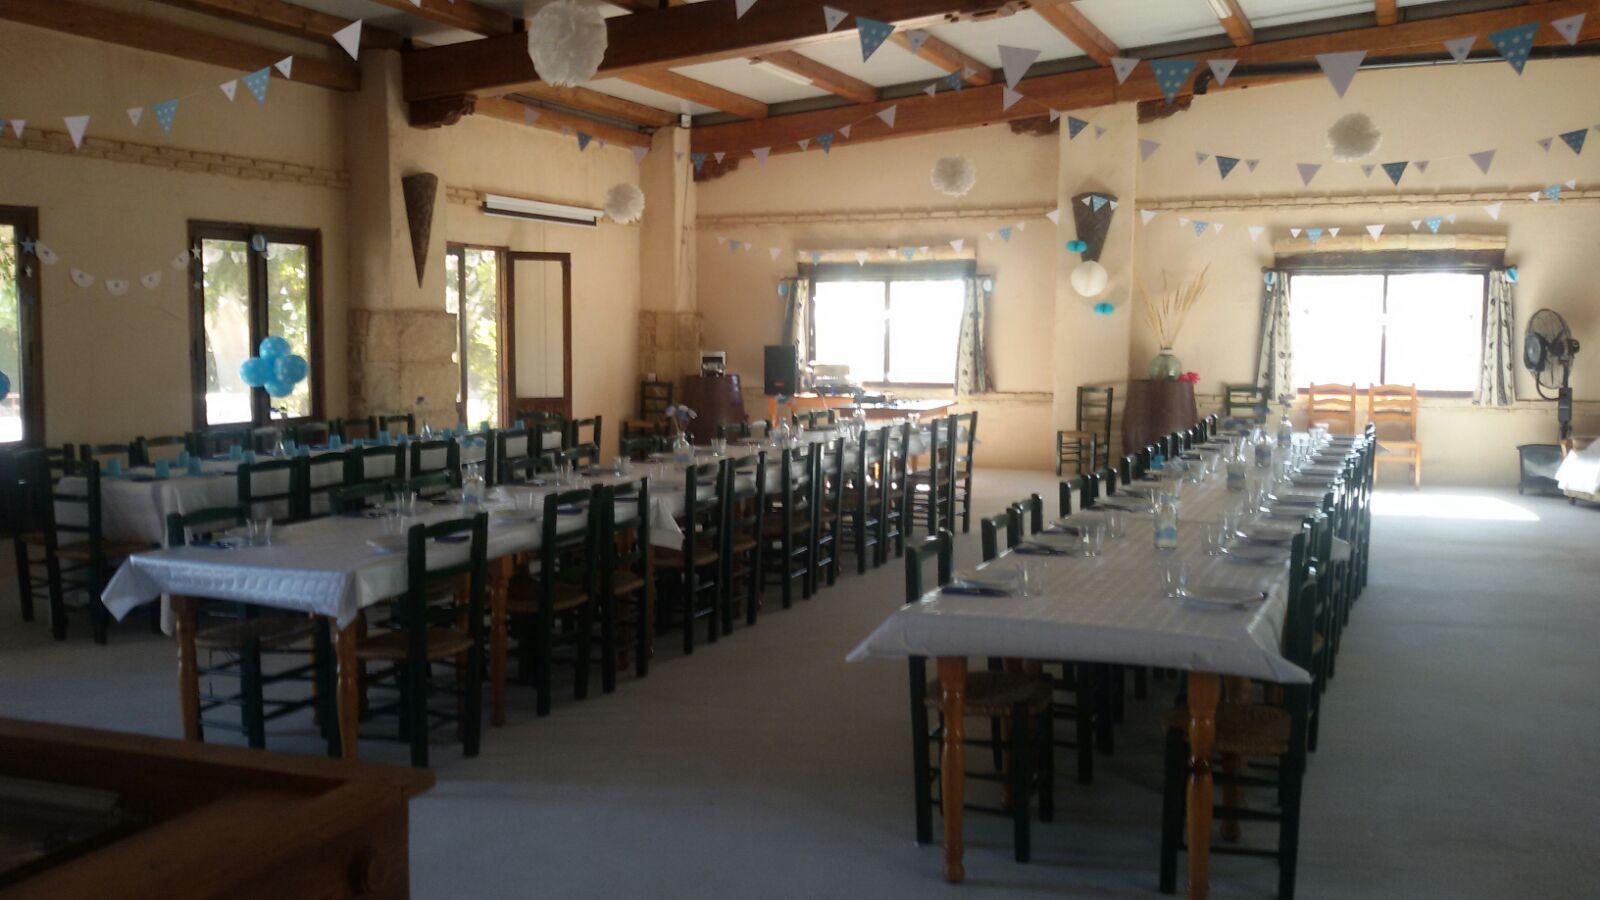 Interiori del salón de celebraciones del complejo rural cinco soles de murcia